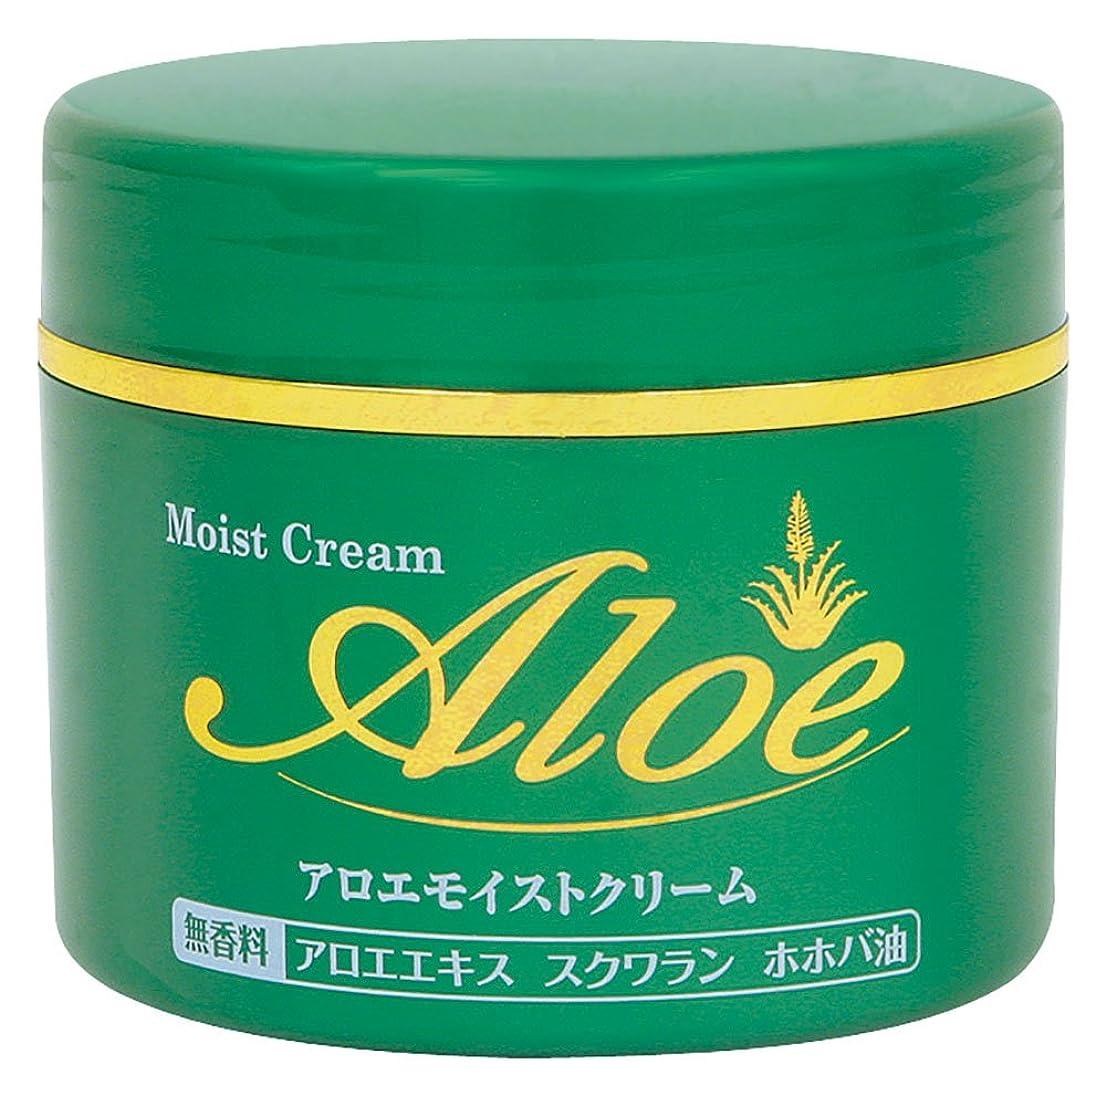 交差点すぐに備品井藤漢方製薬 アロエモイストクリーム 160g (アロエクリーム 化粧品)